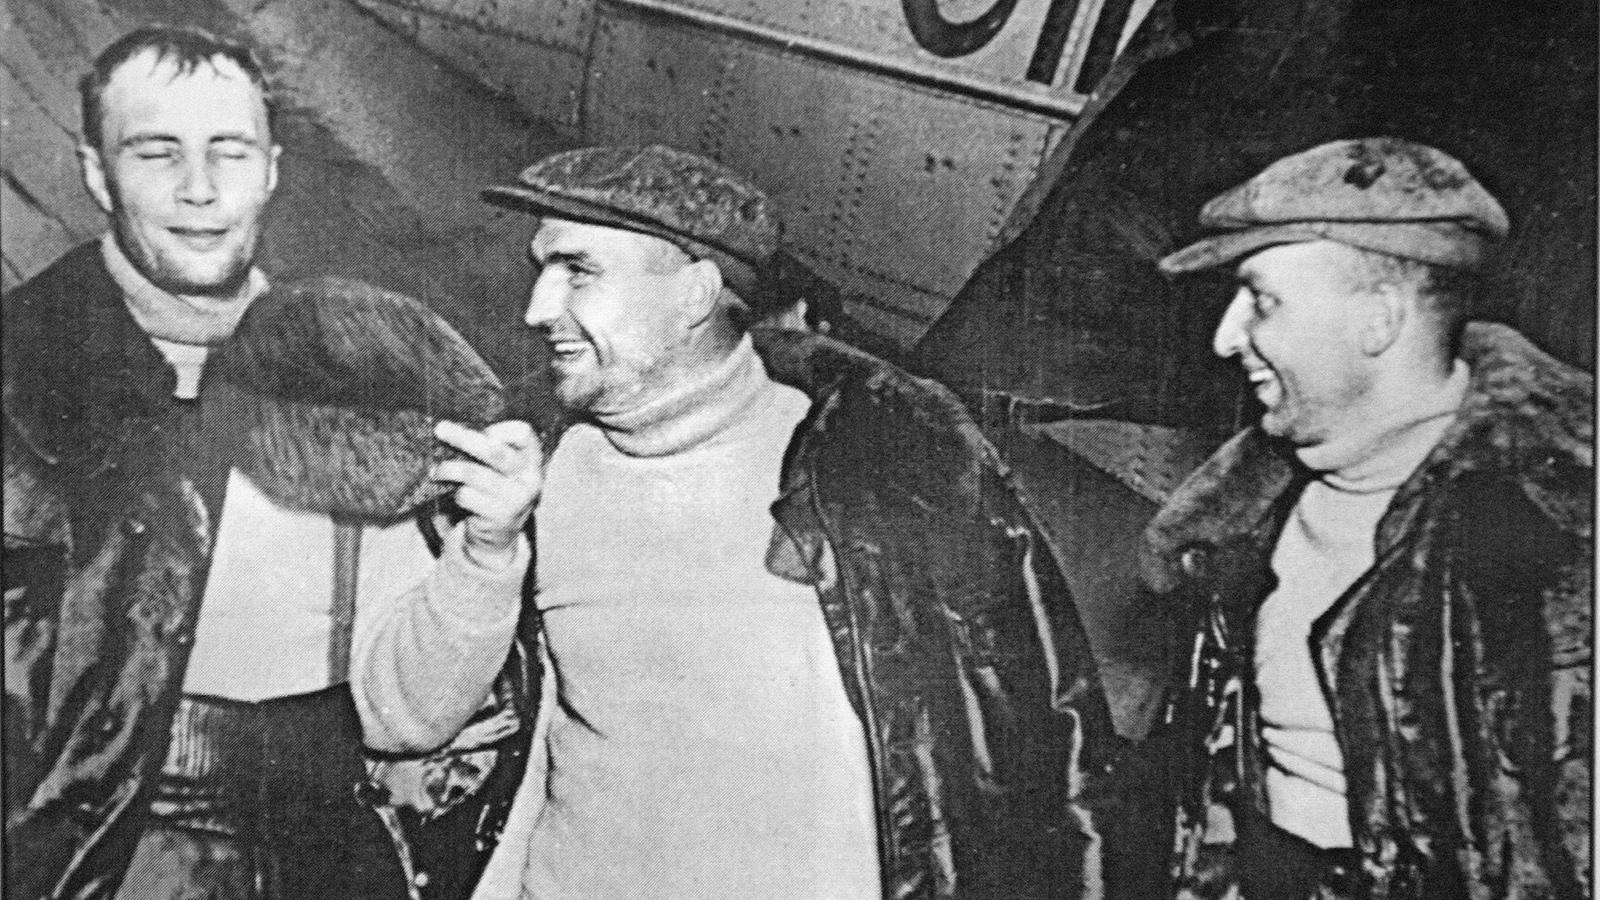 1937 Год. Г. Байдуков, В. Чкалов, А. Беляков. Прилет в Америку. Фото: архив